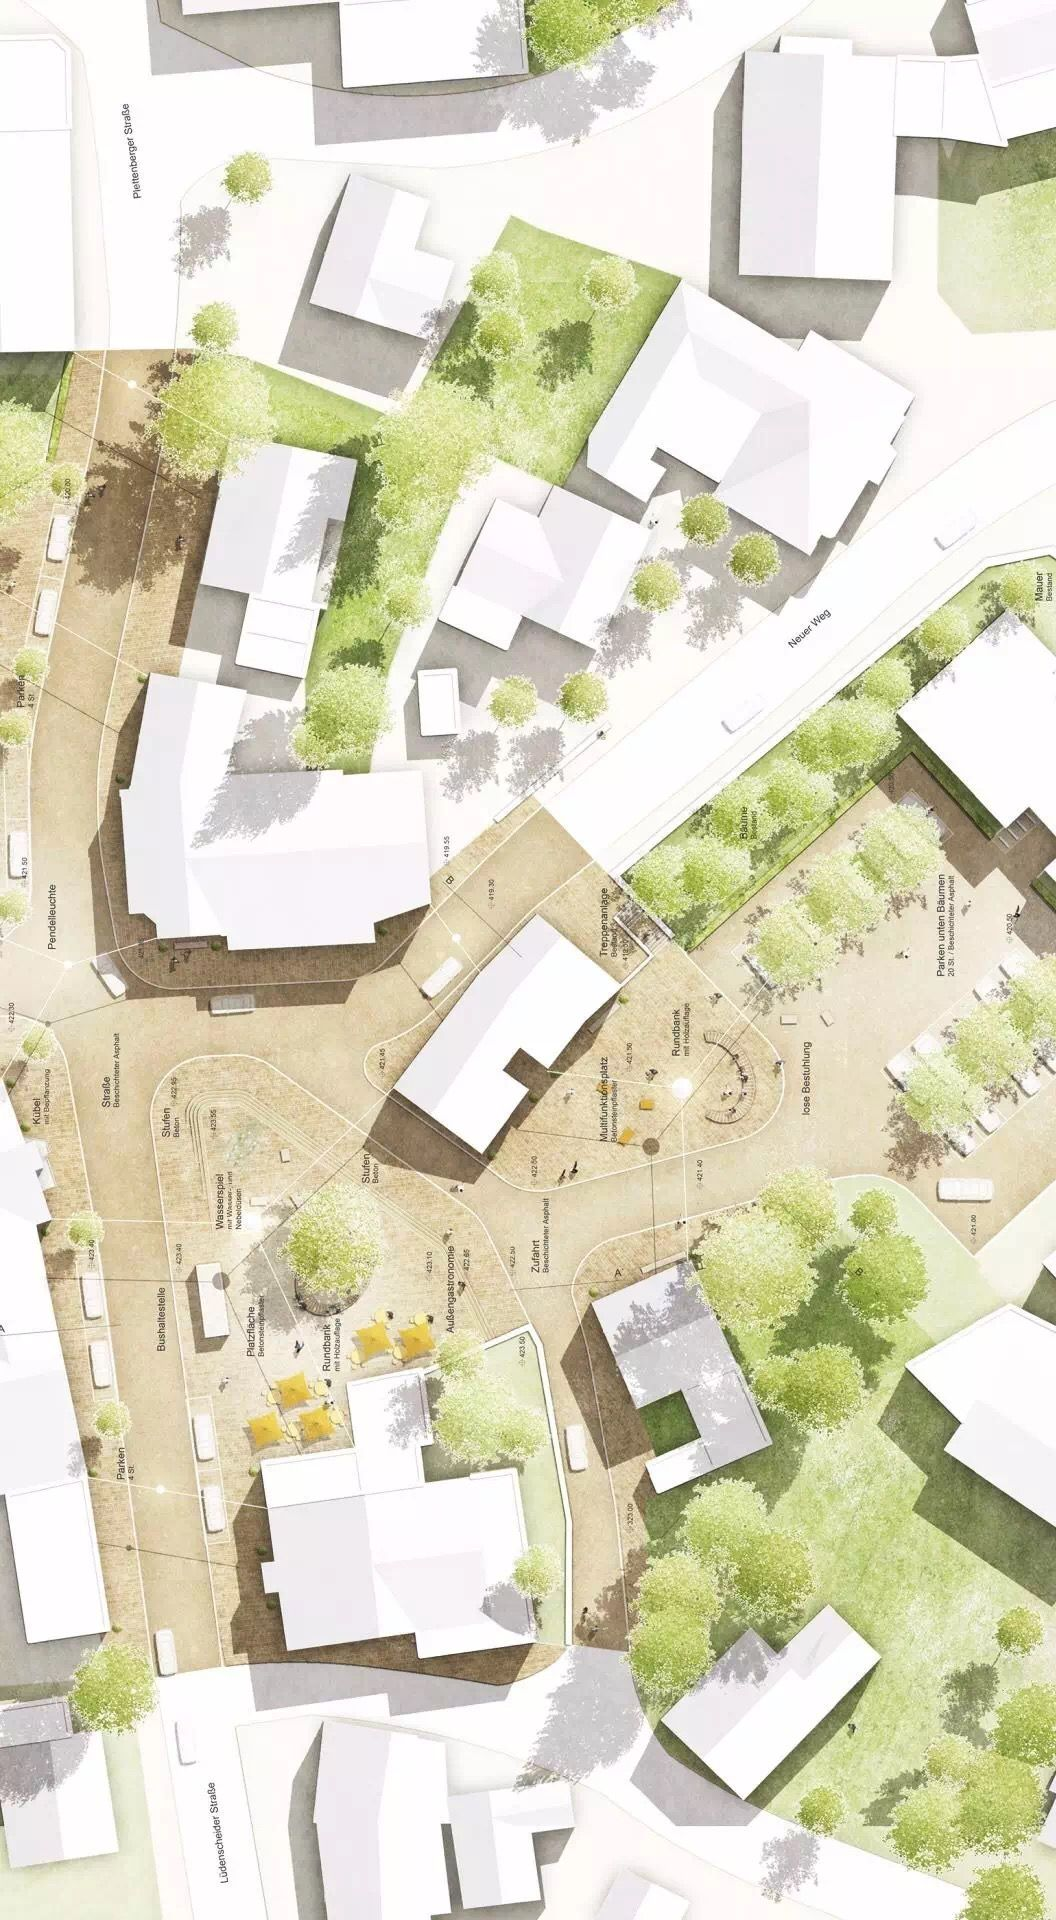 siteplan architecture site plan